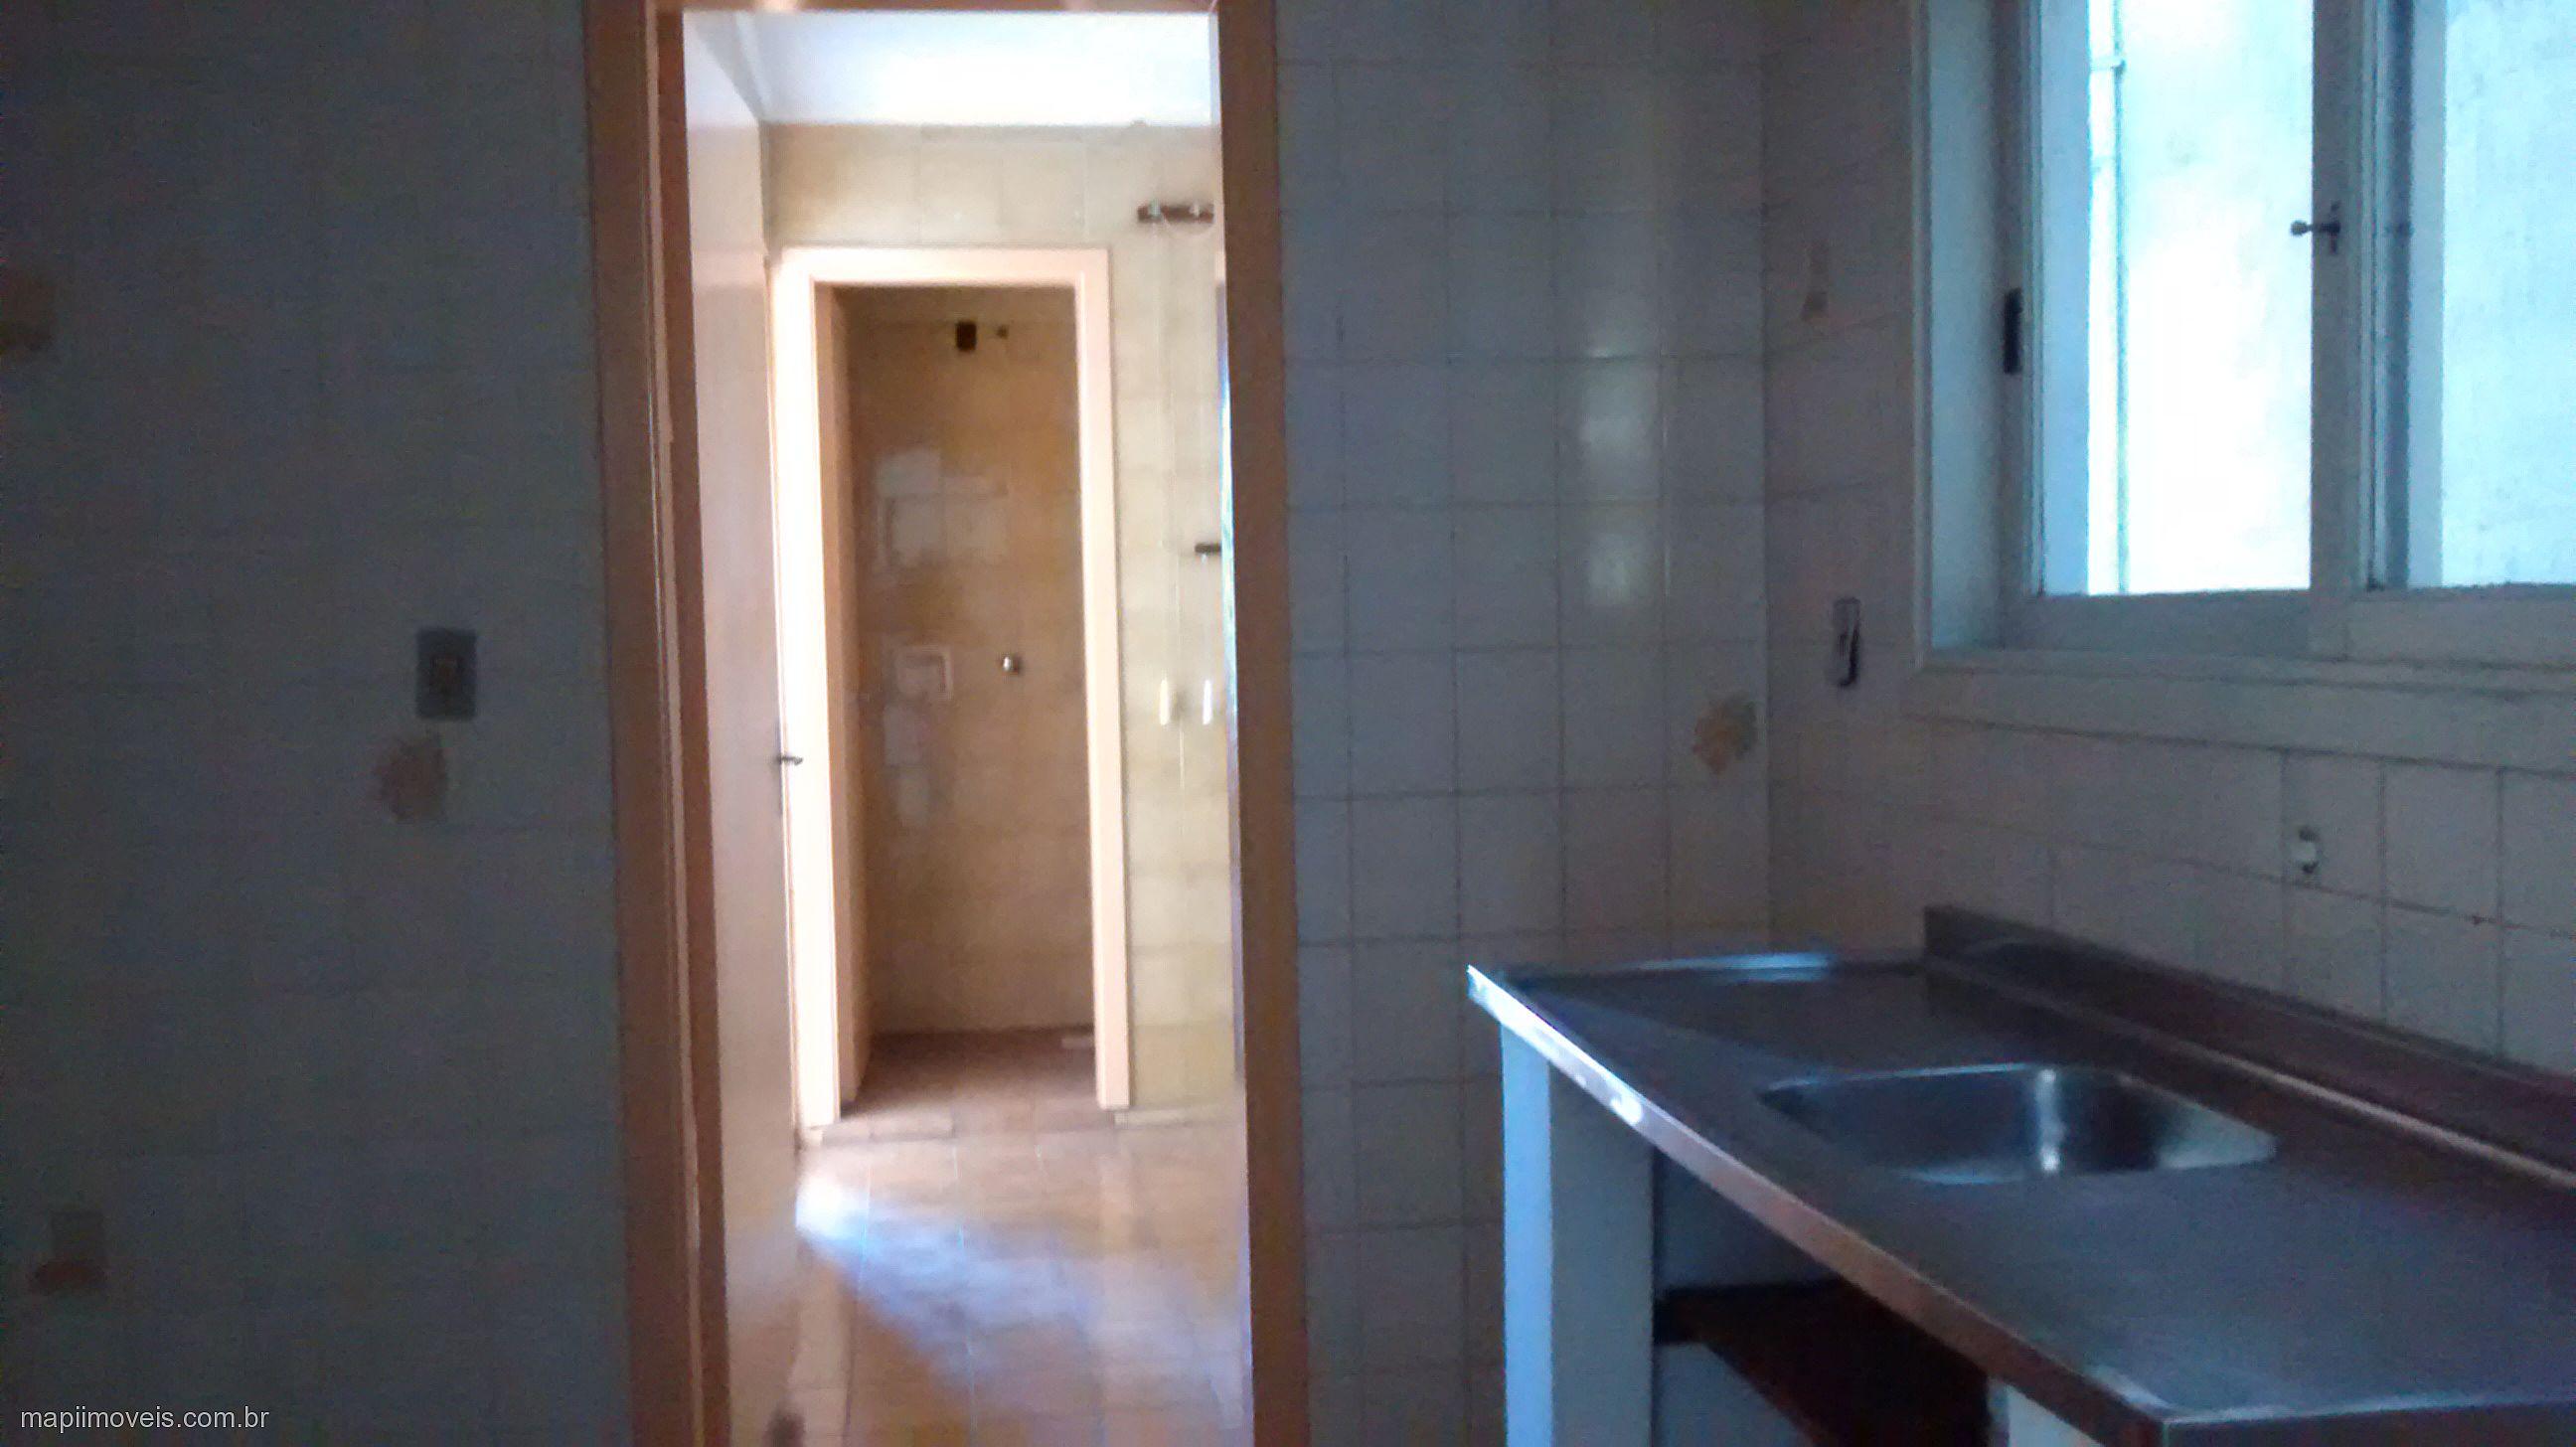 Mapi Imóveis - Apto 2 Dorm, Rio Branco (284762) - Foto 8